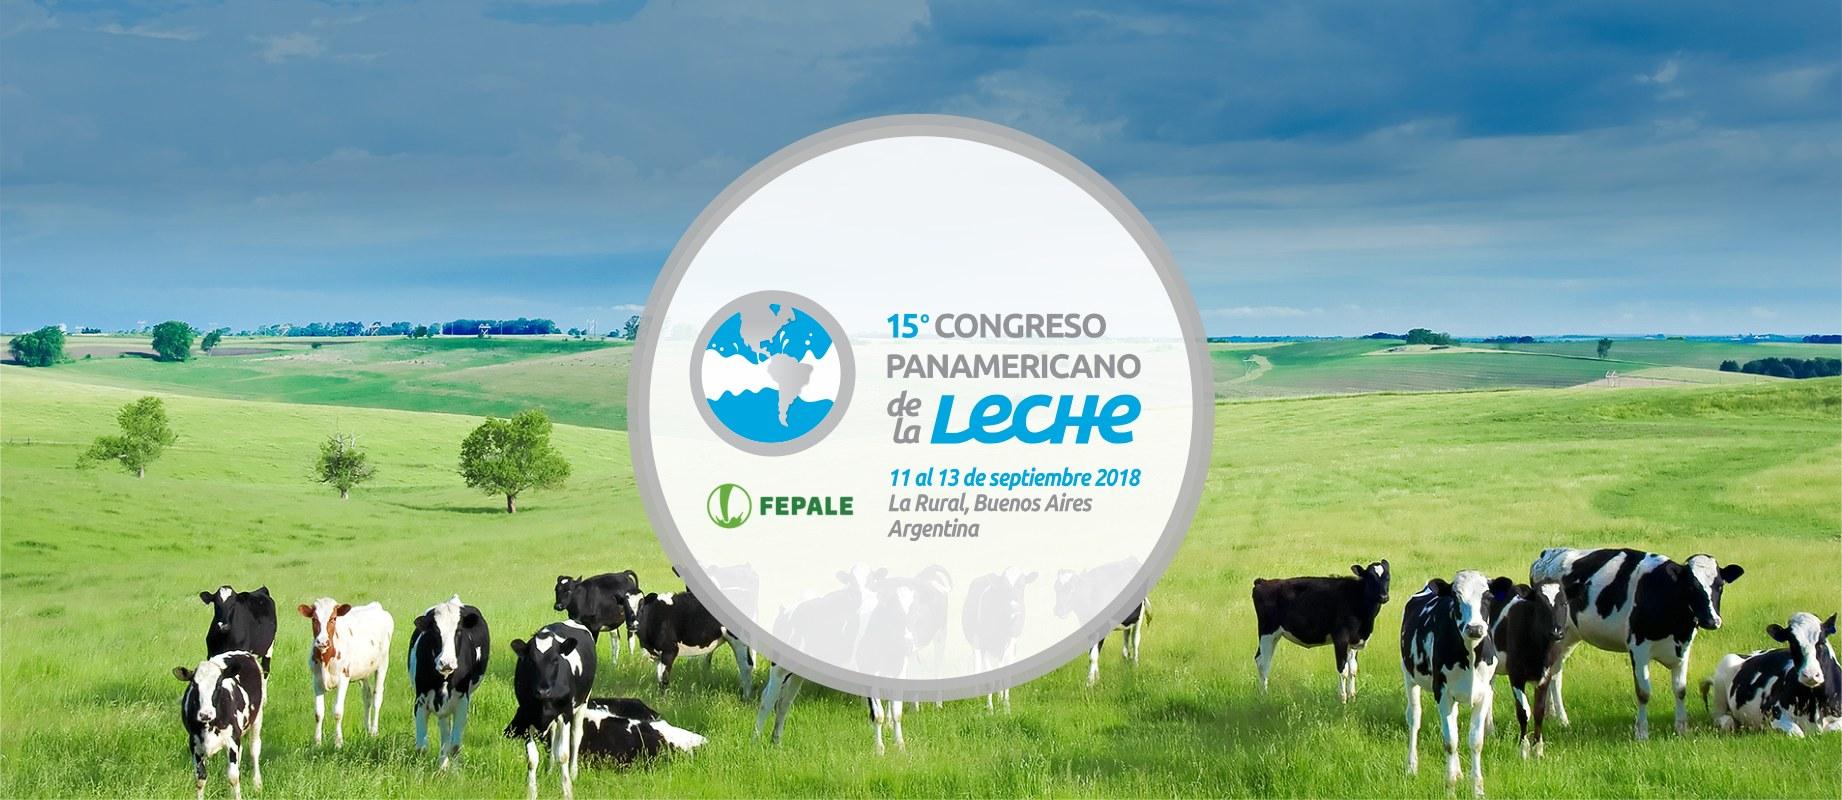 15-congreso-panamericano-leche